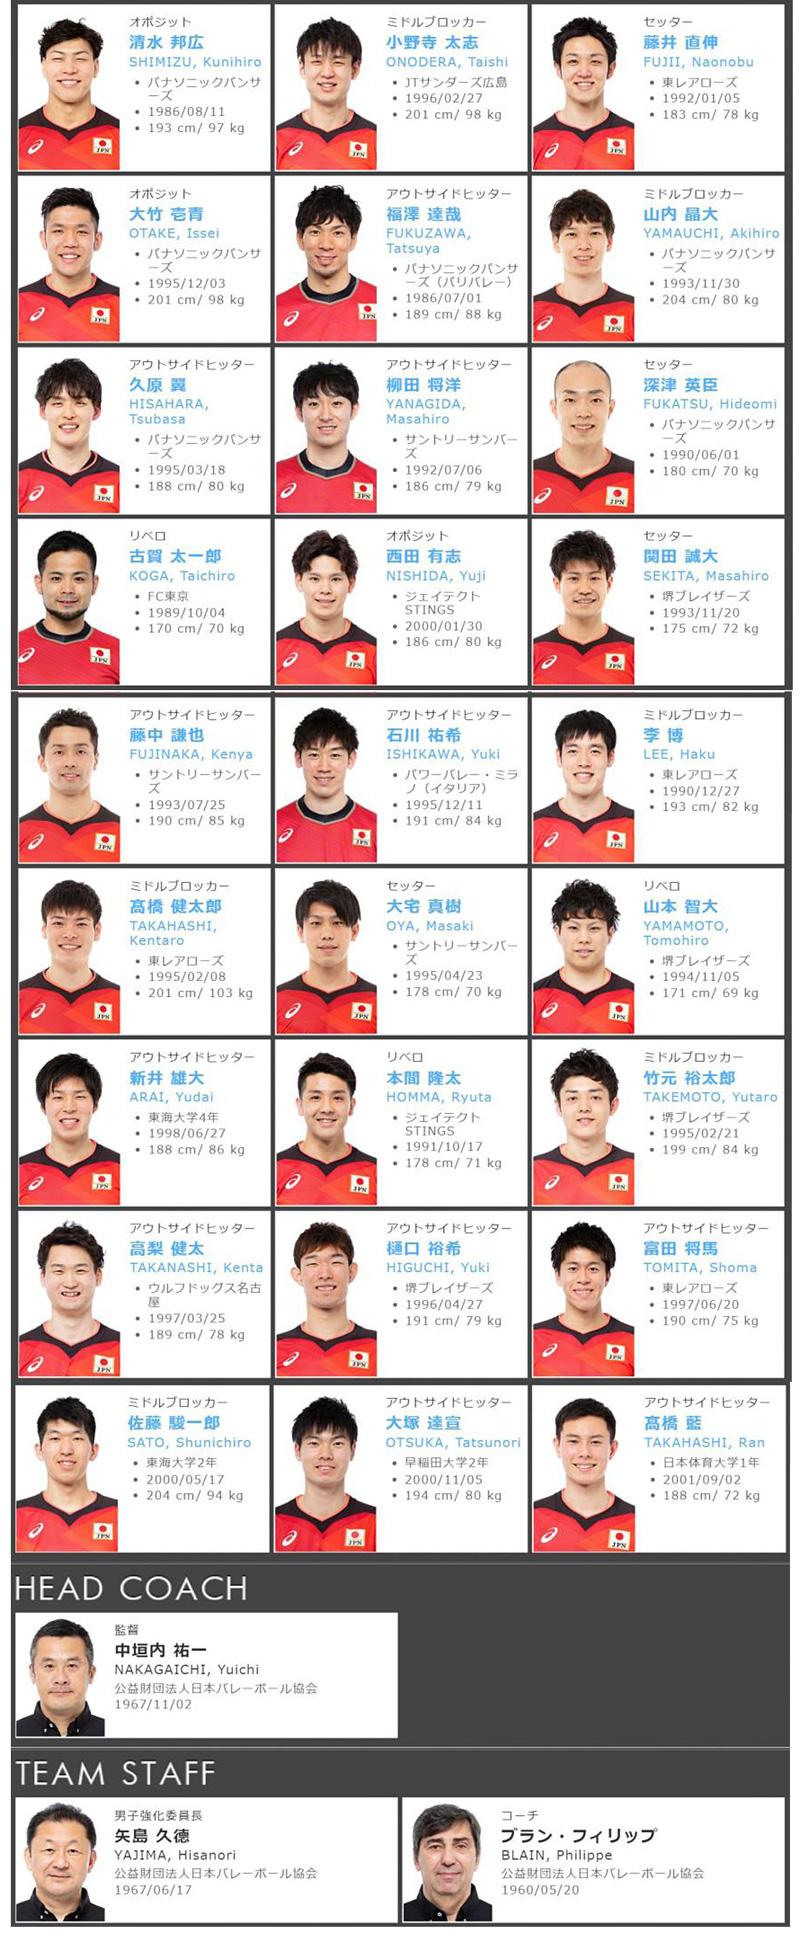 2020年度全日本代表男子バレーボール,龍神NIPPON